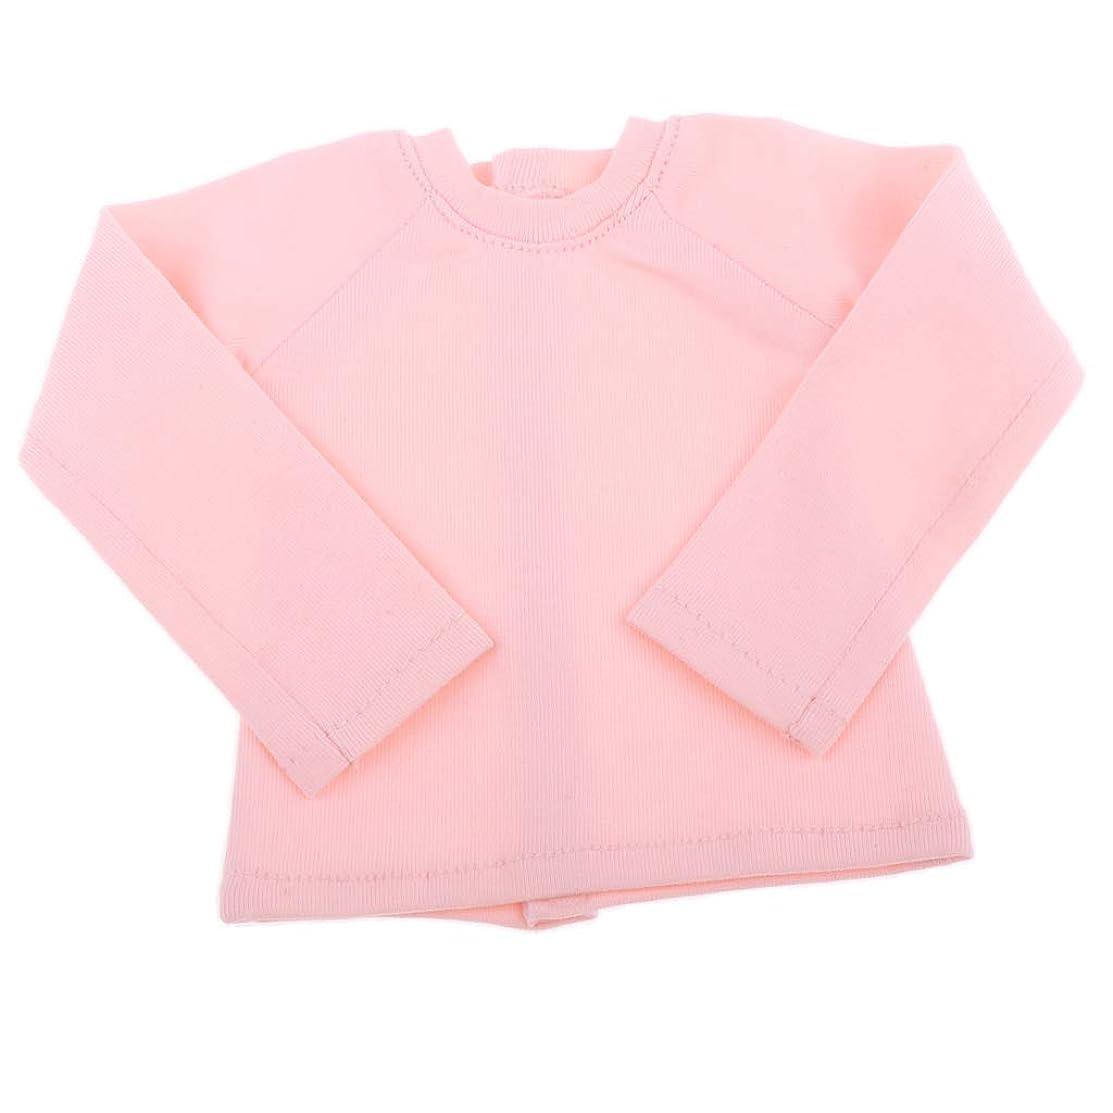 スクワイア貢献するネストTシャツ長袖 1/4 BJD 人形のシャツ ドールトップ服 ドールメイキング アクセサリー ピンク